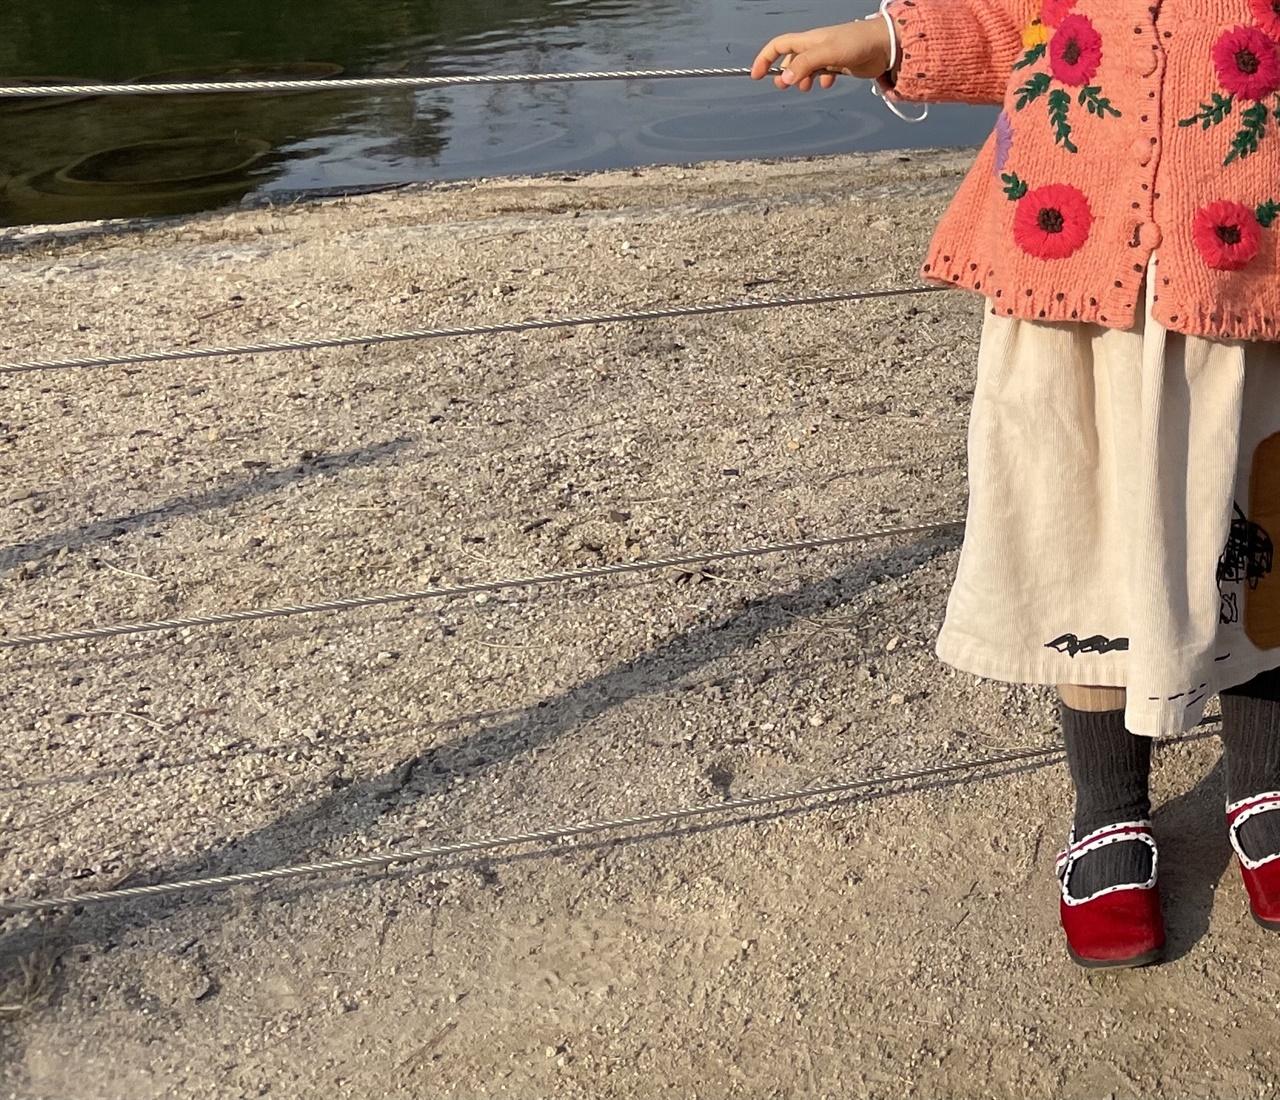 각자의 고유한 시선 아이는 지천에 깔린 모래밭에서도 자기만의 보물을 알아본다.